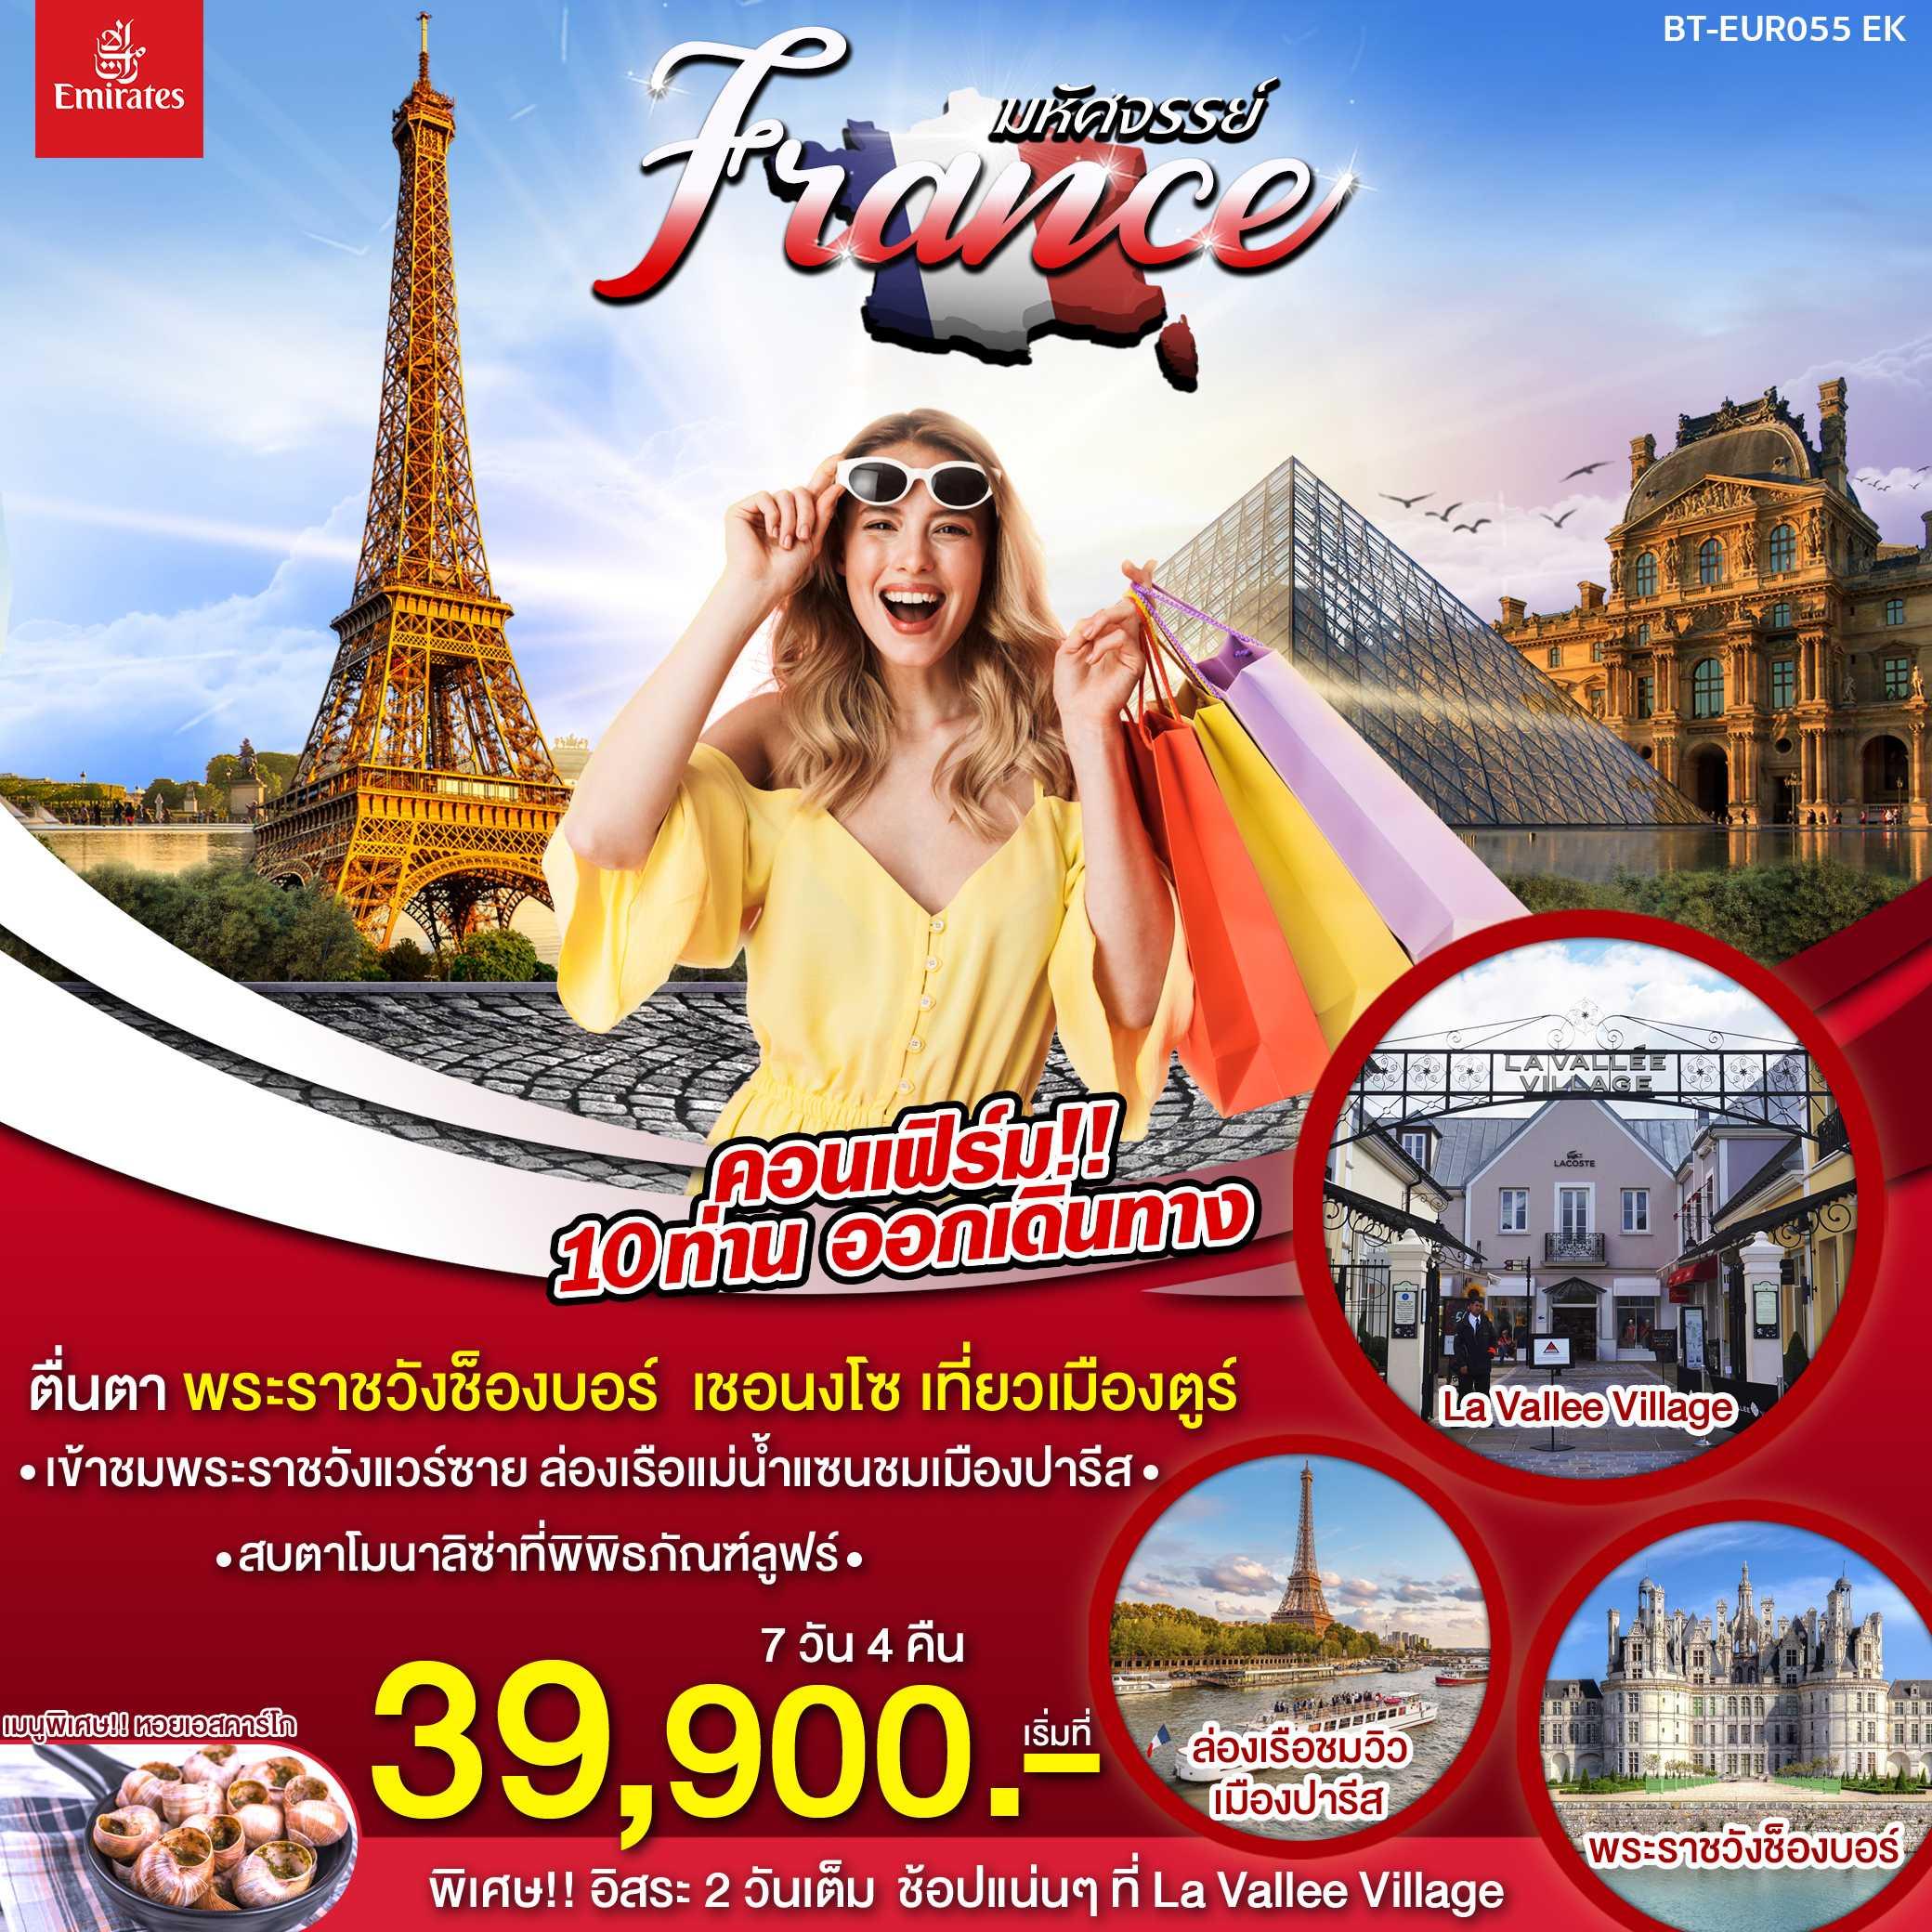 มหัศจรรย์ FRANCE  7D 4N (BT-EUR055-EK)